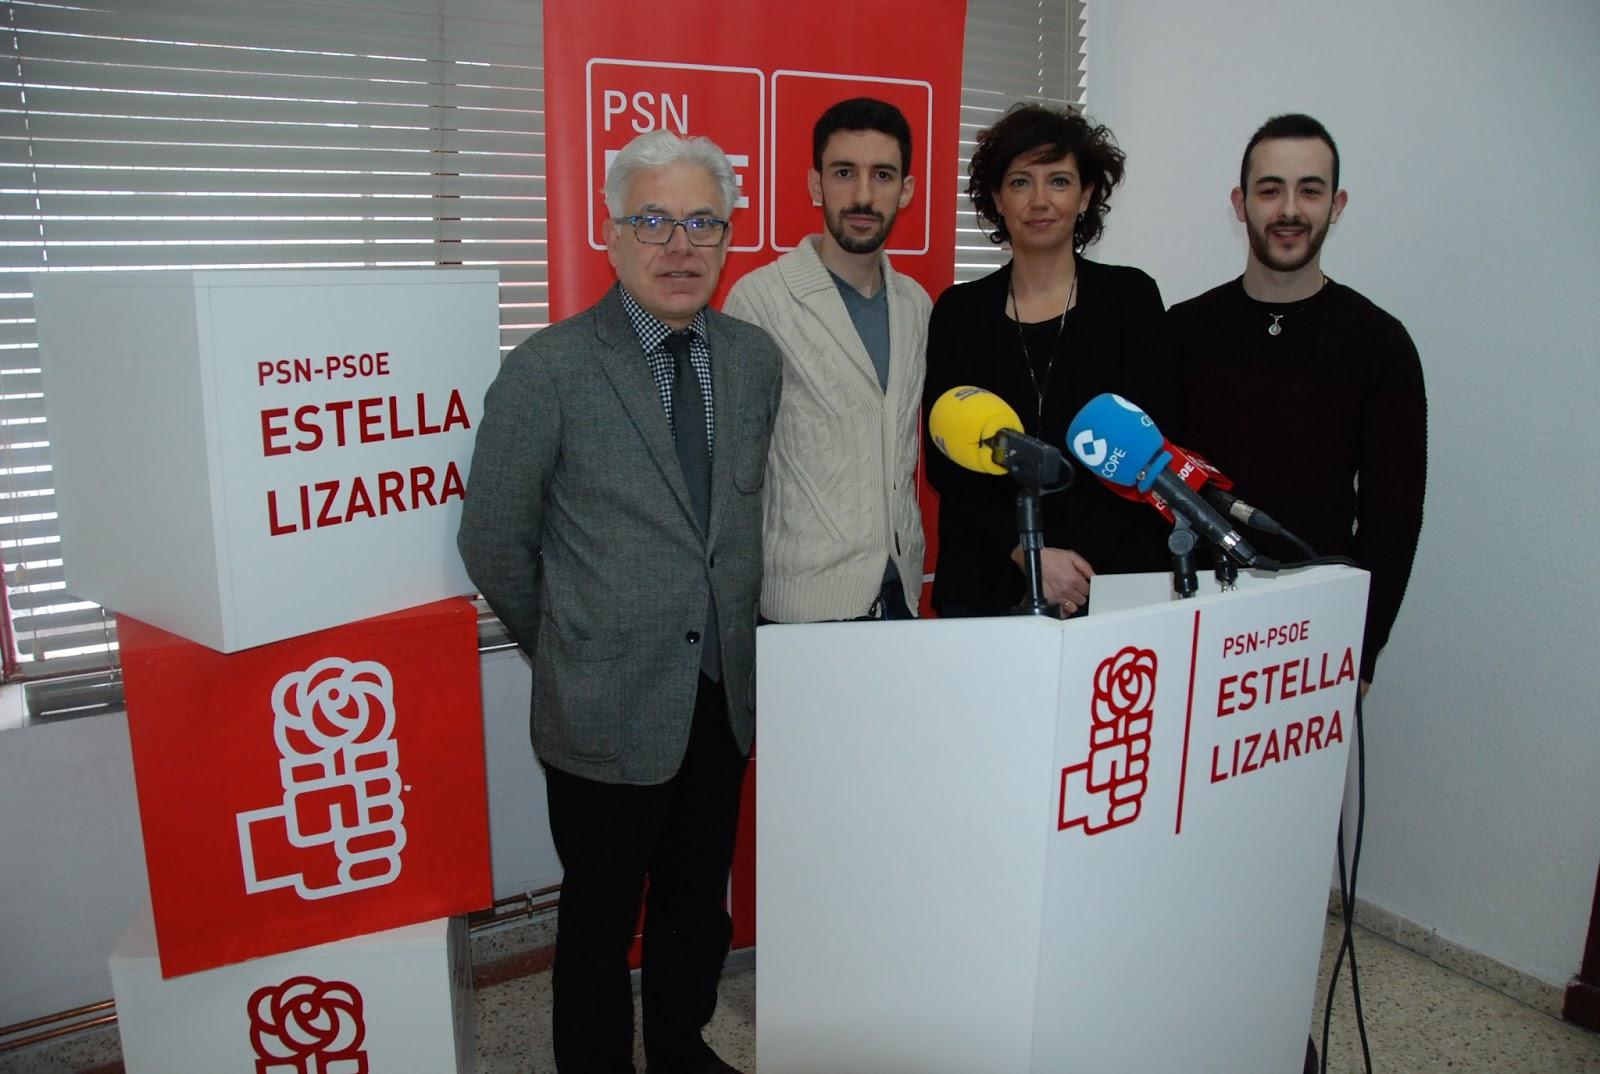 Proponemos recuperar el proyecto de Parador Nacional de Turismo en Estella-Lizarra